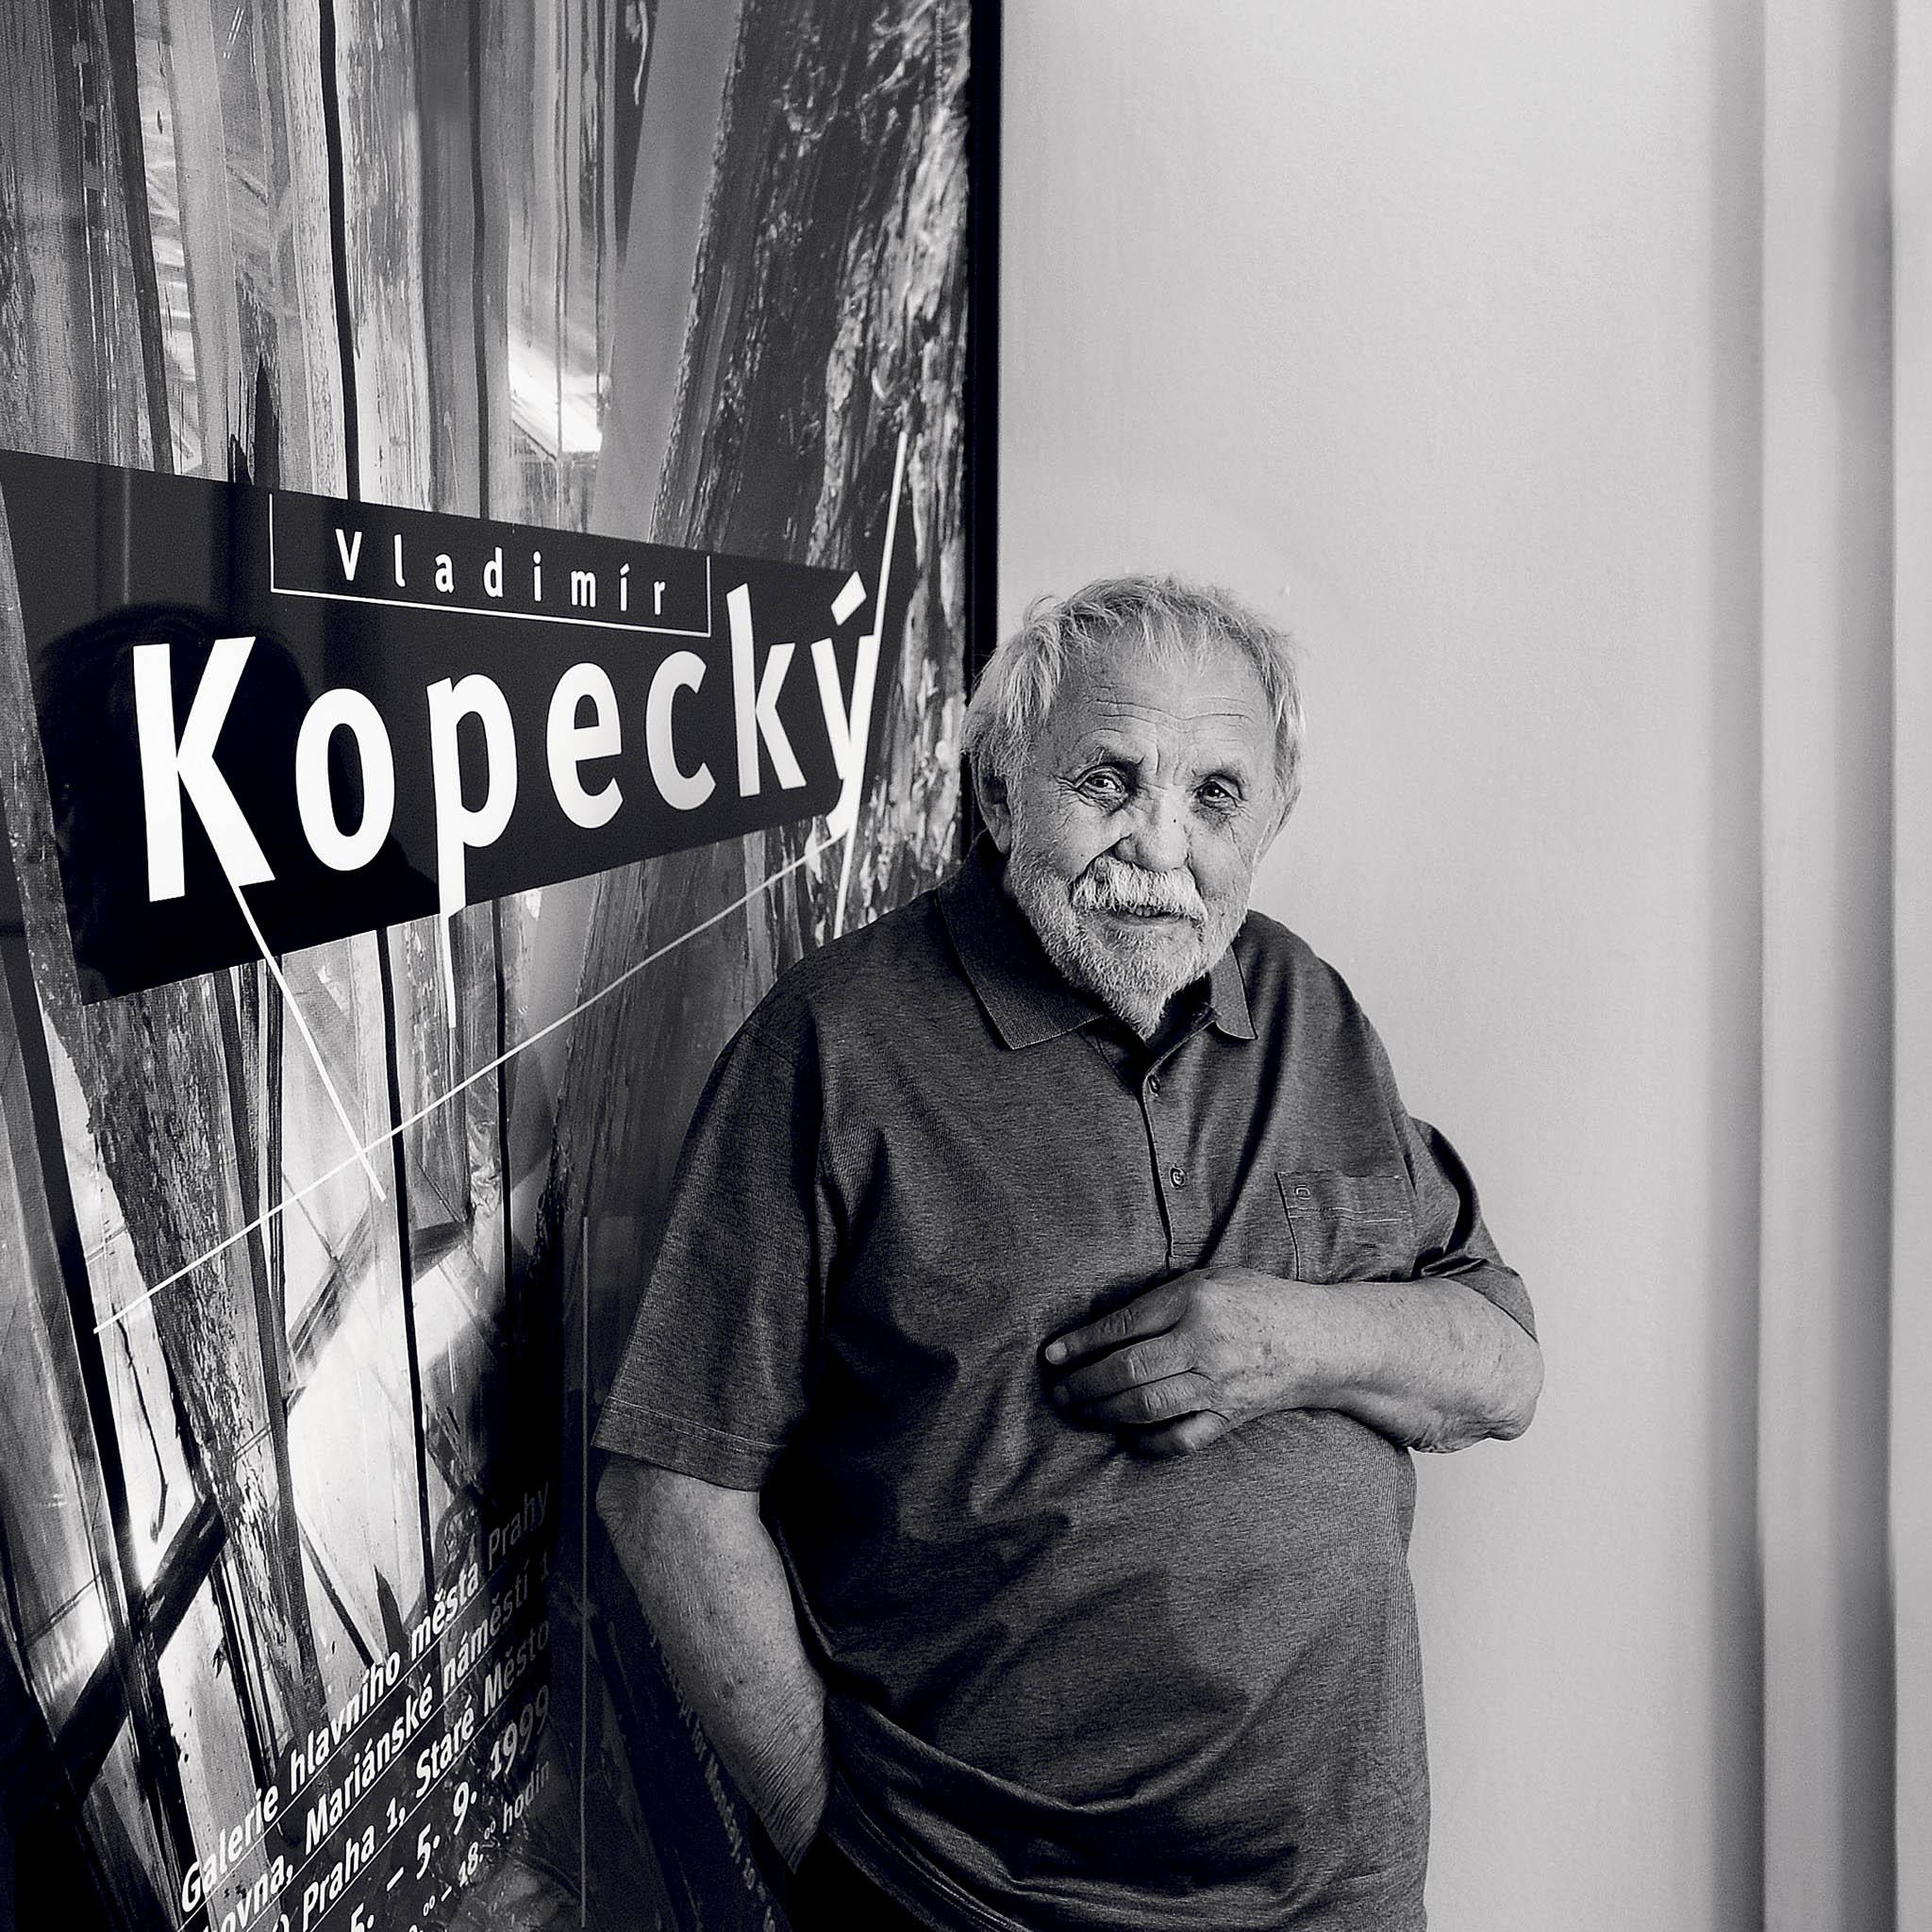 Malíř, grafik a sklářský výtvarník Vladimír Kopecký